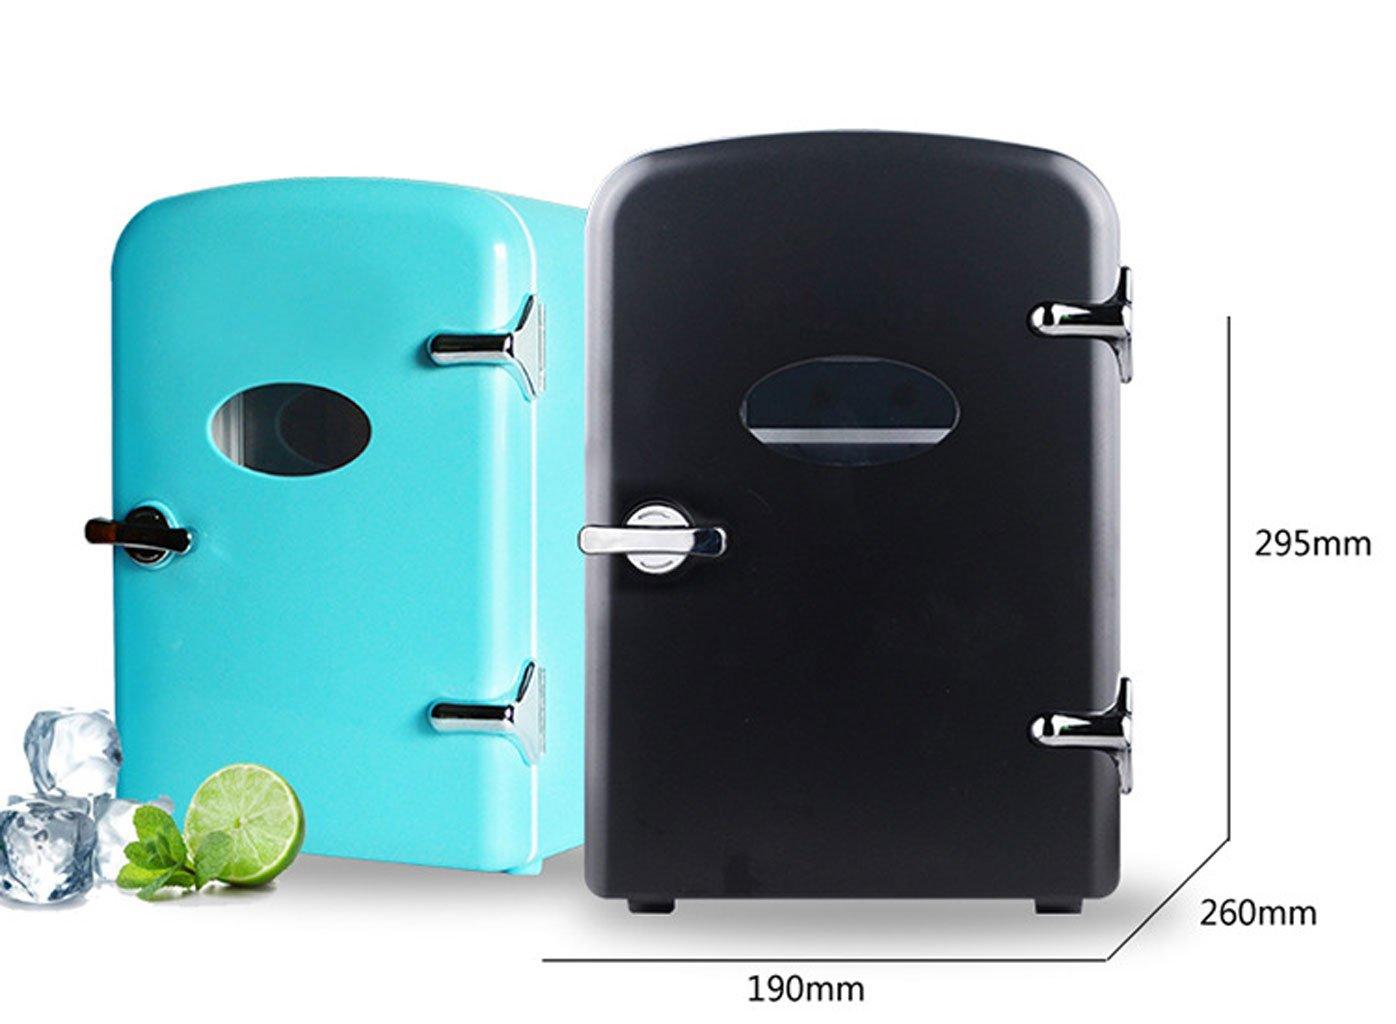 Bomann Kühlschrank Herkunft : 5l auto kühlschrank tragbare: amazon.de: elektronik